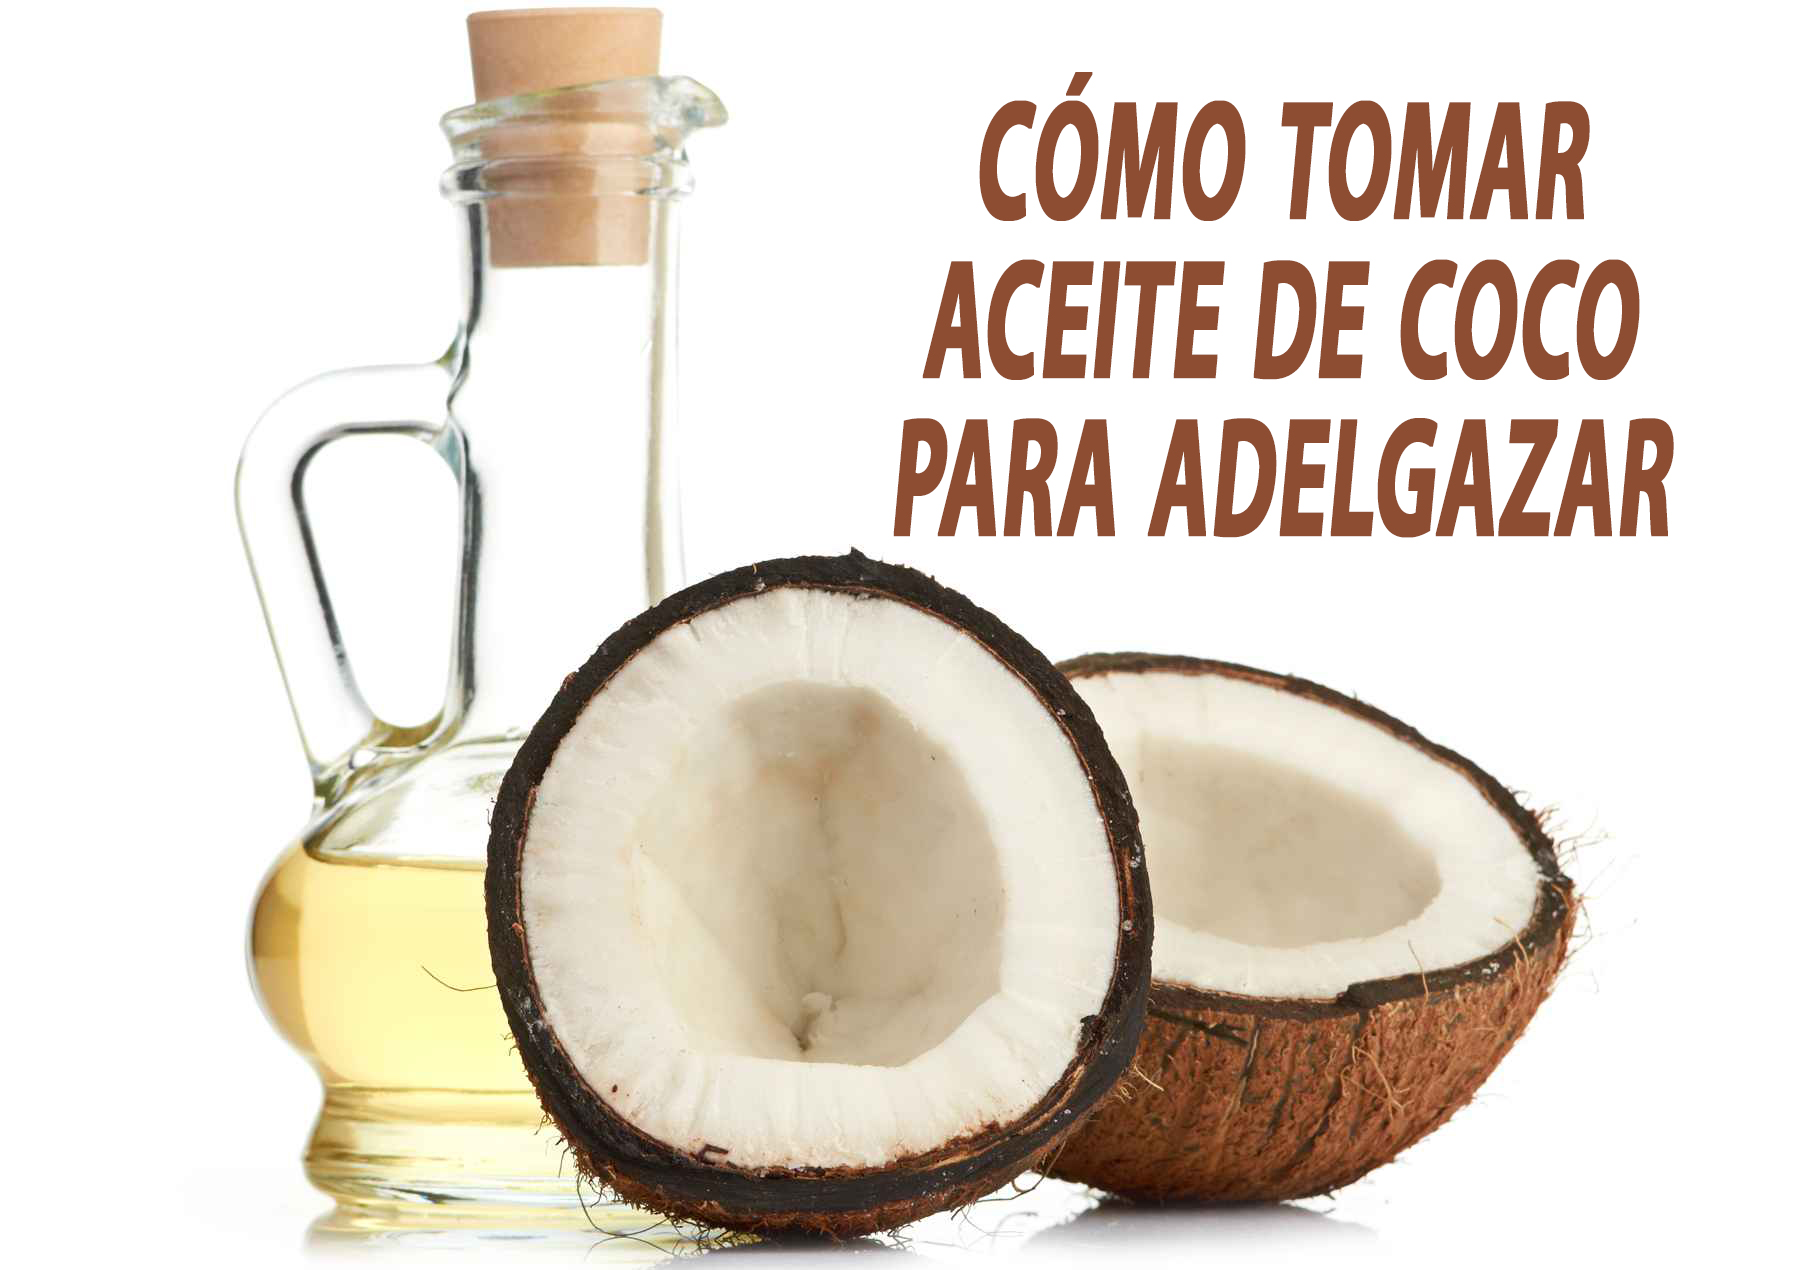 Aceite de coco propiedades para adelgazar